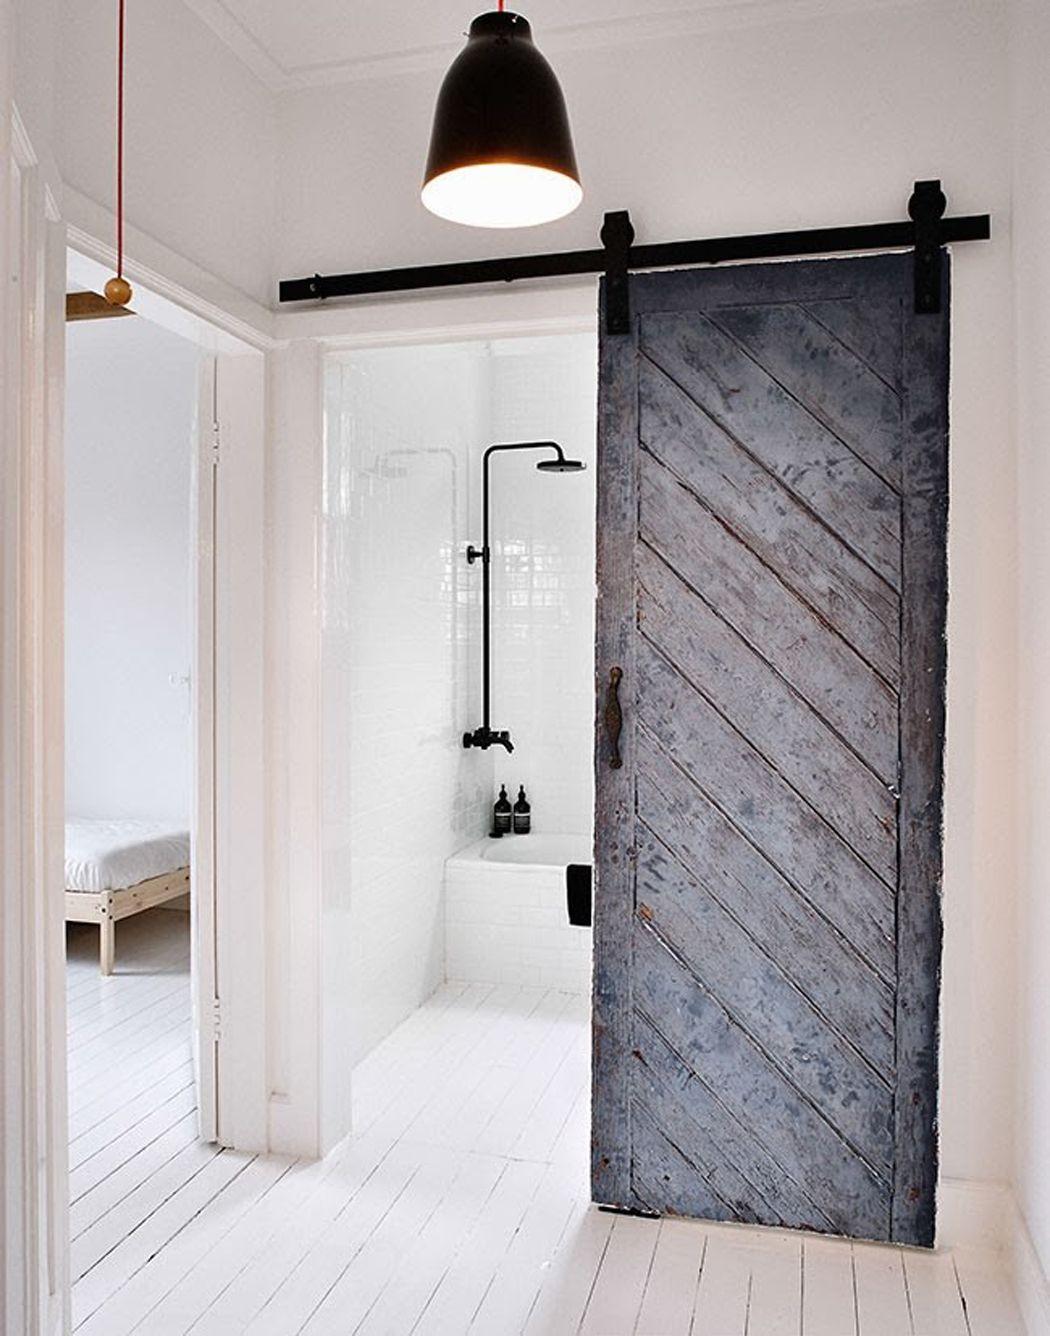 porte coulissante design créant des ambiances d'intérieur diverses ... - Porte Coulissante Interieur Pour Salle De Bain